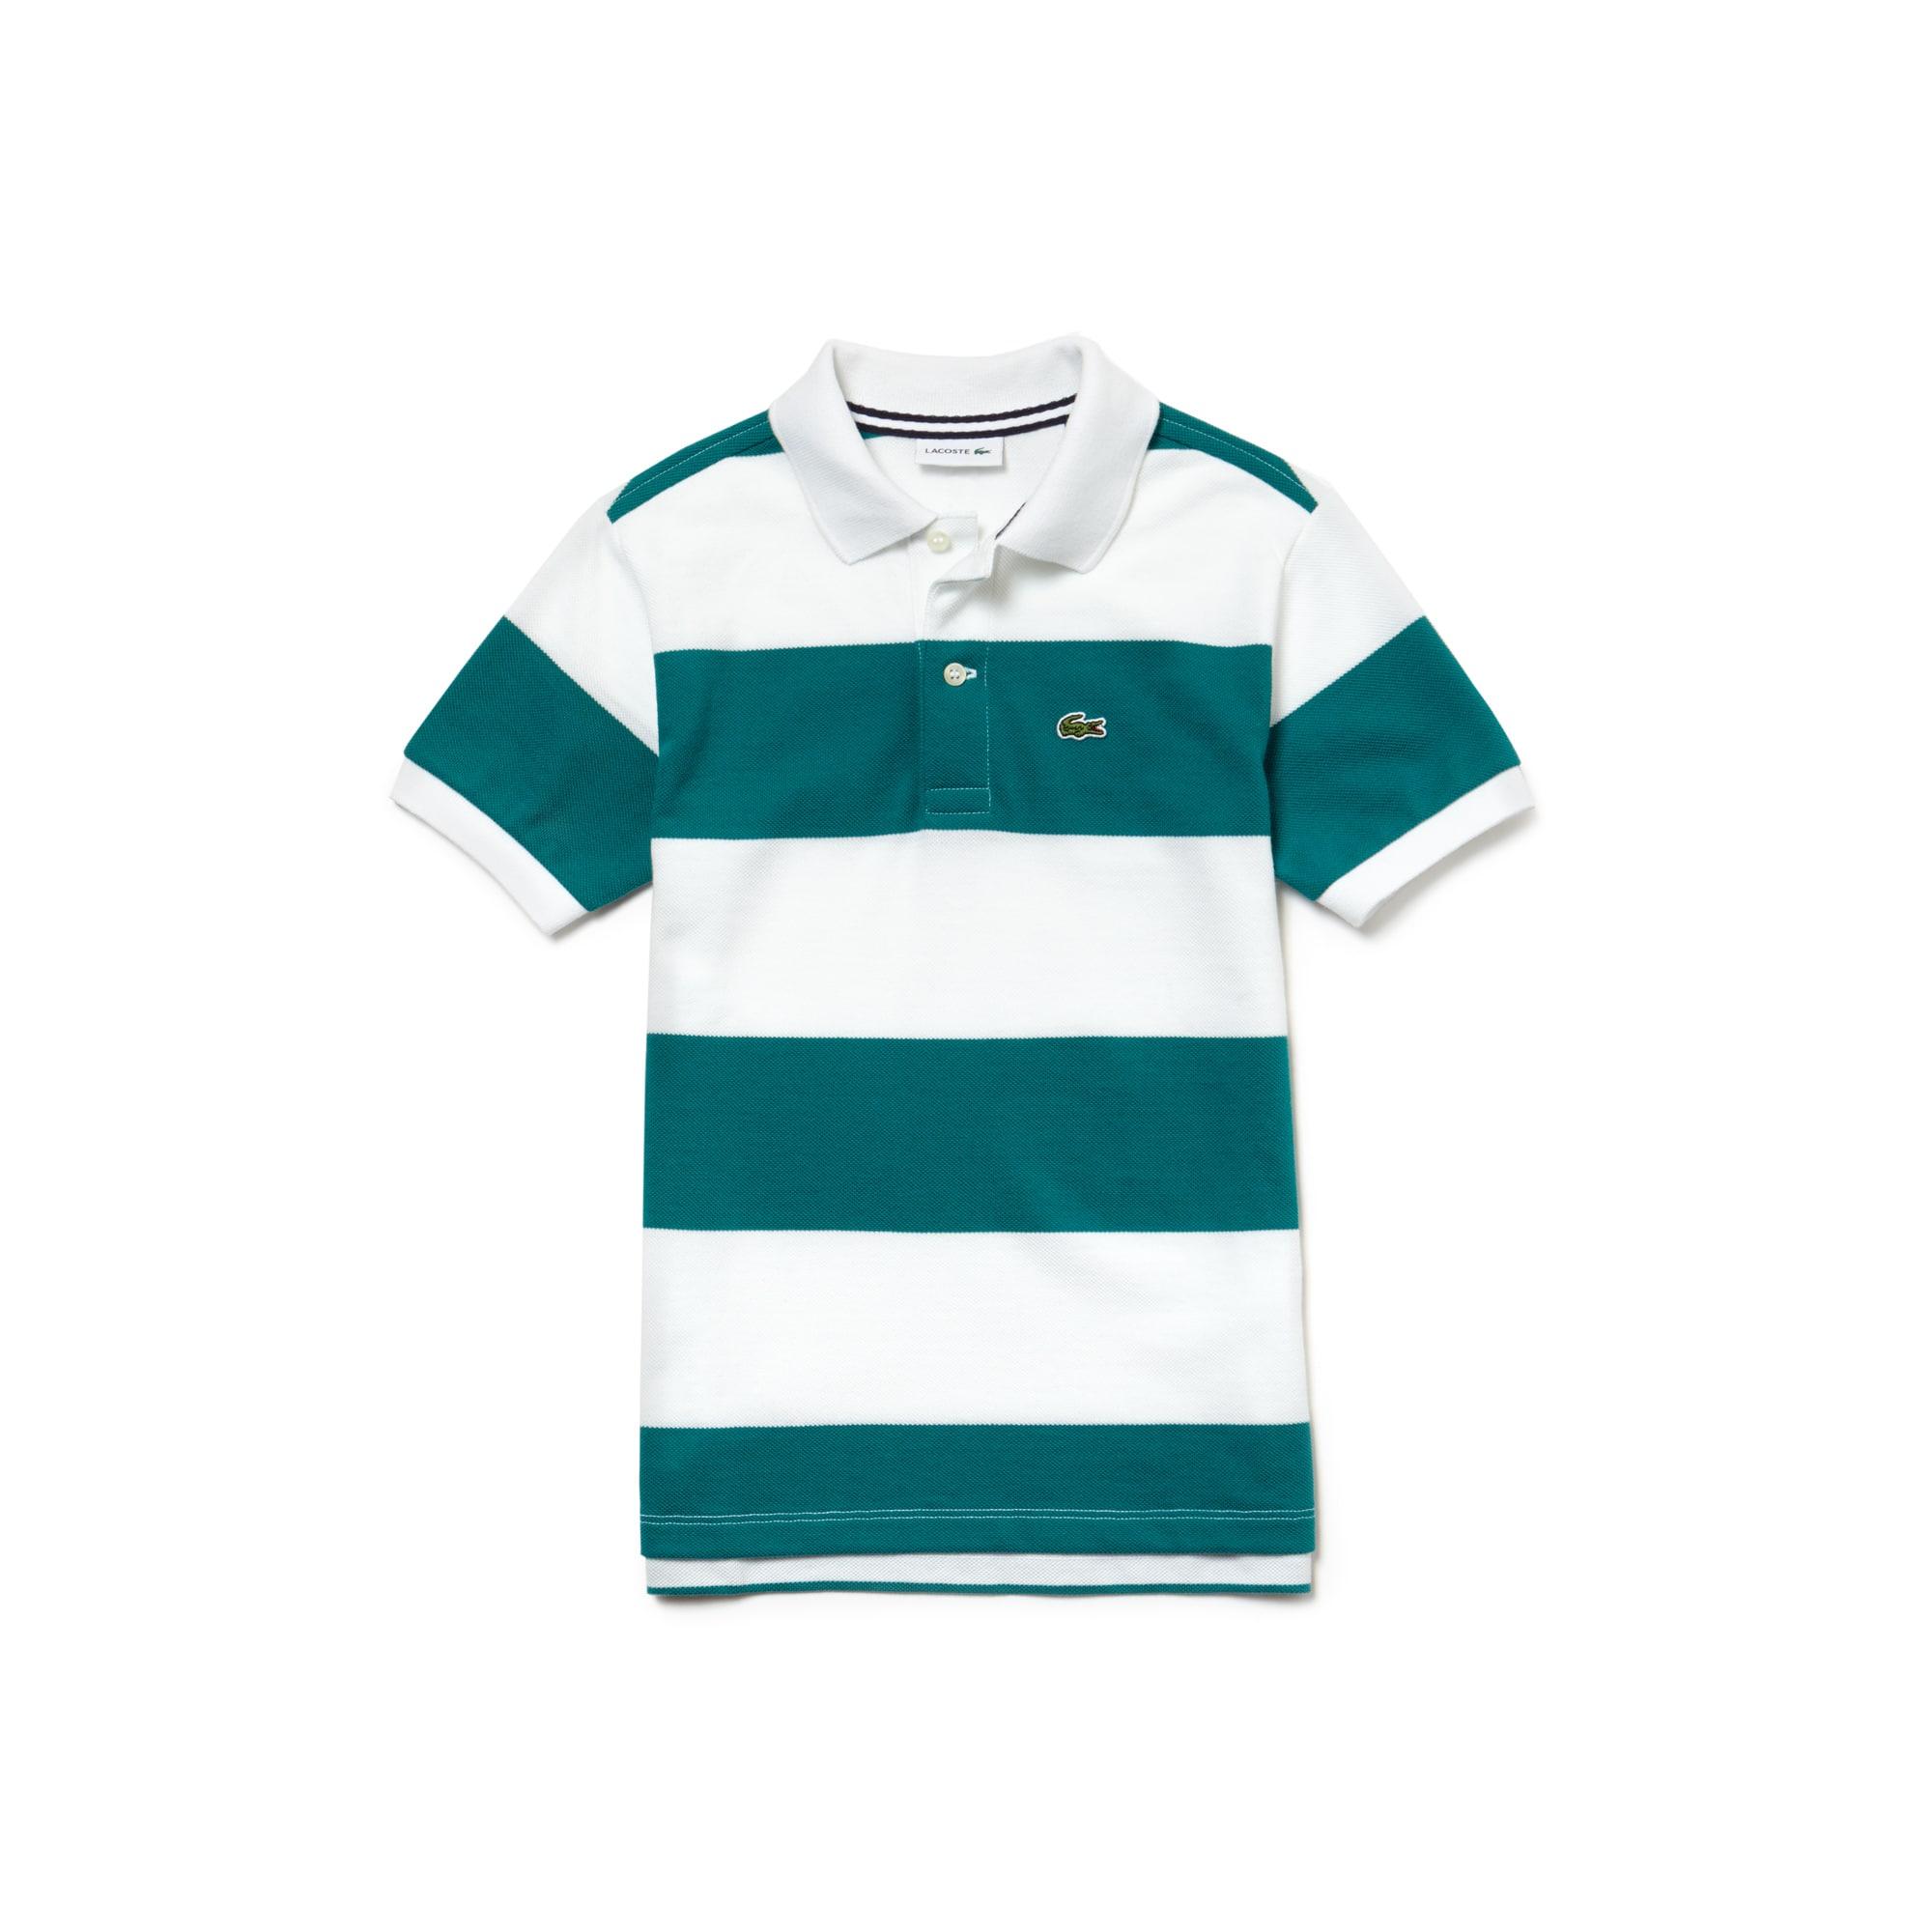 d6796f1762579 Camisa Polo Lacoste Masculina Infantil Listrada em Petit Piqué de Algodão